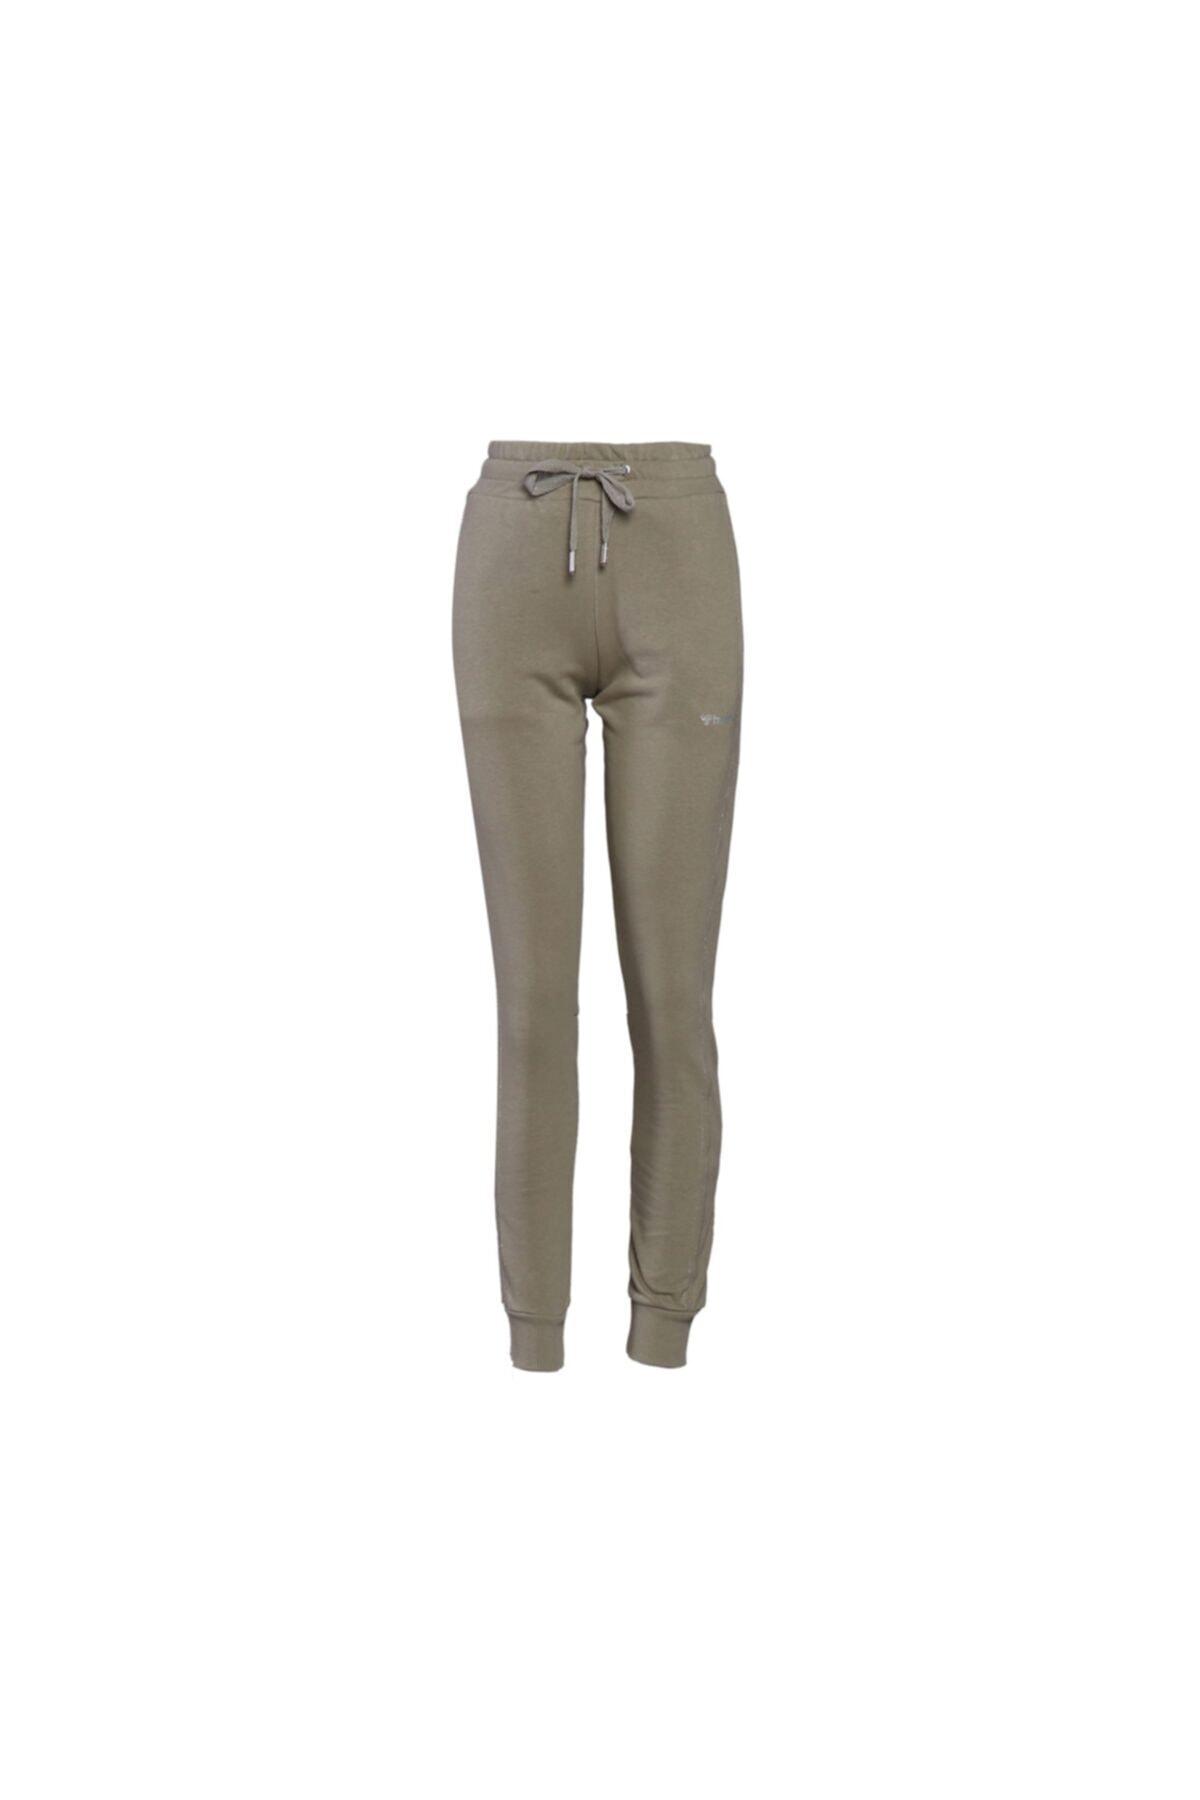 HUMMEL Kadın Günlük Eşofman Altı 931108-8062 Yeşil Hmlons Pants 2